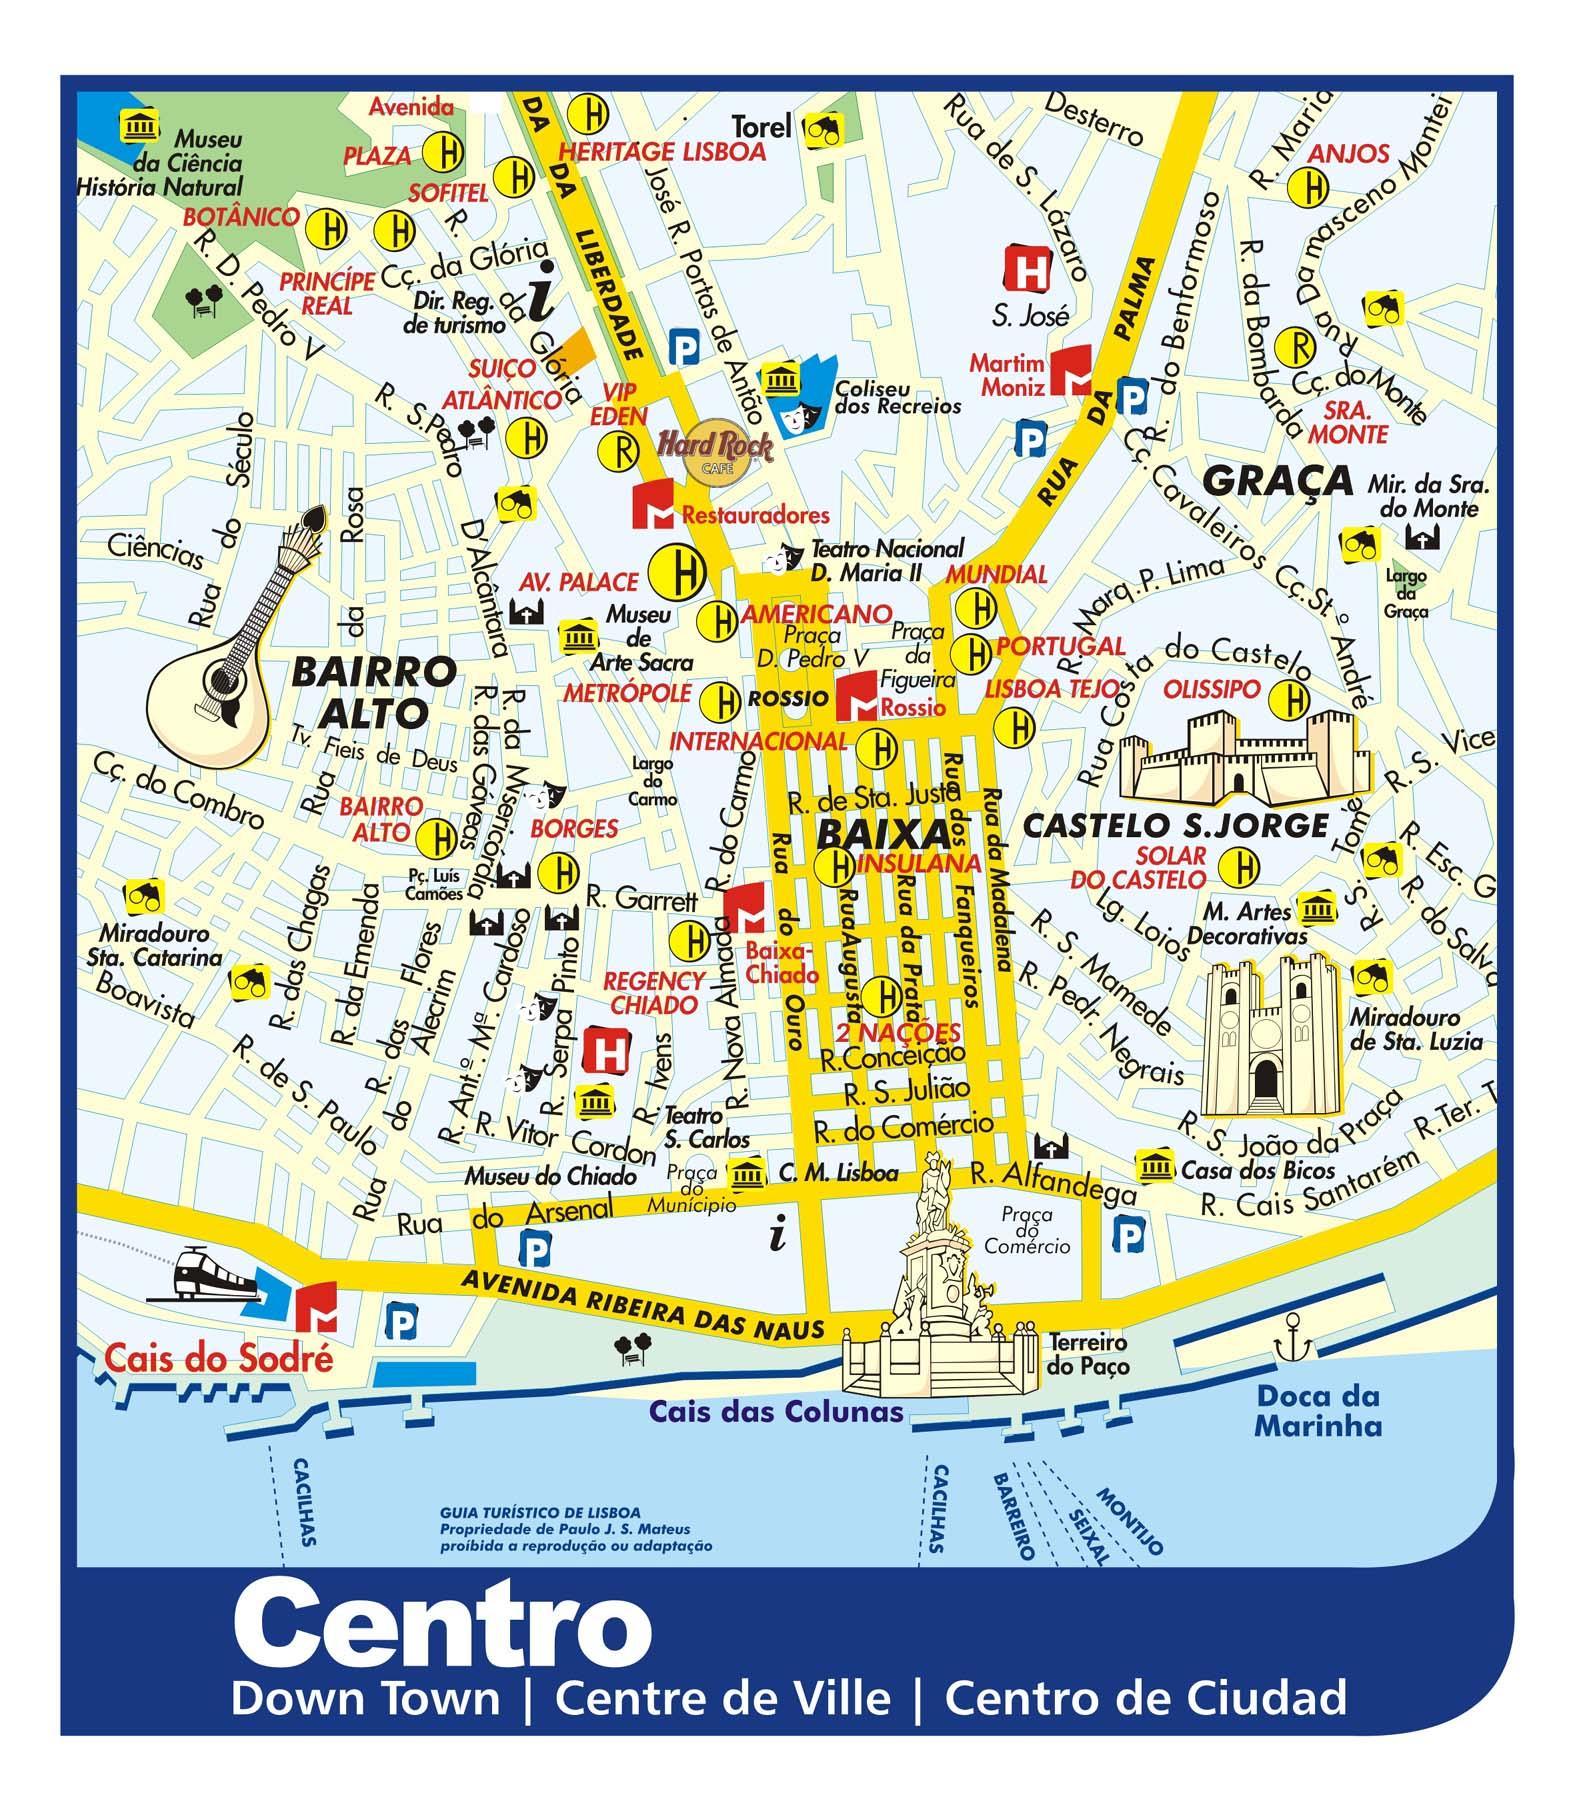 mapa do lisboa Mapa de Monumentos em Lisboa | Roteiros e Dicas de Viagem mapa do lisboa